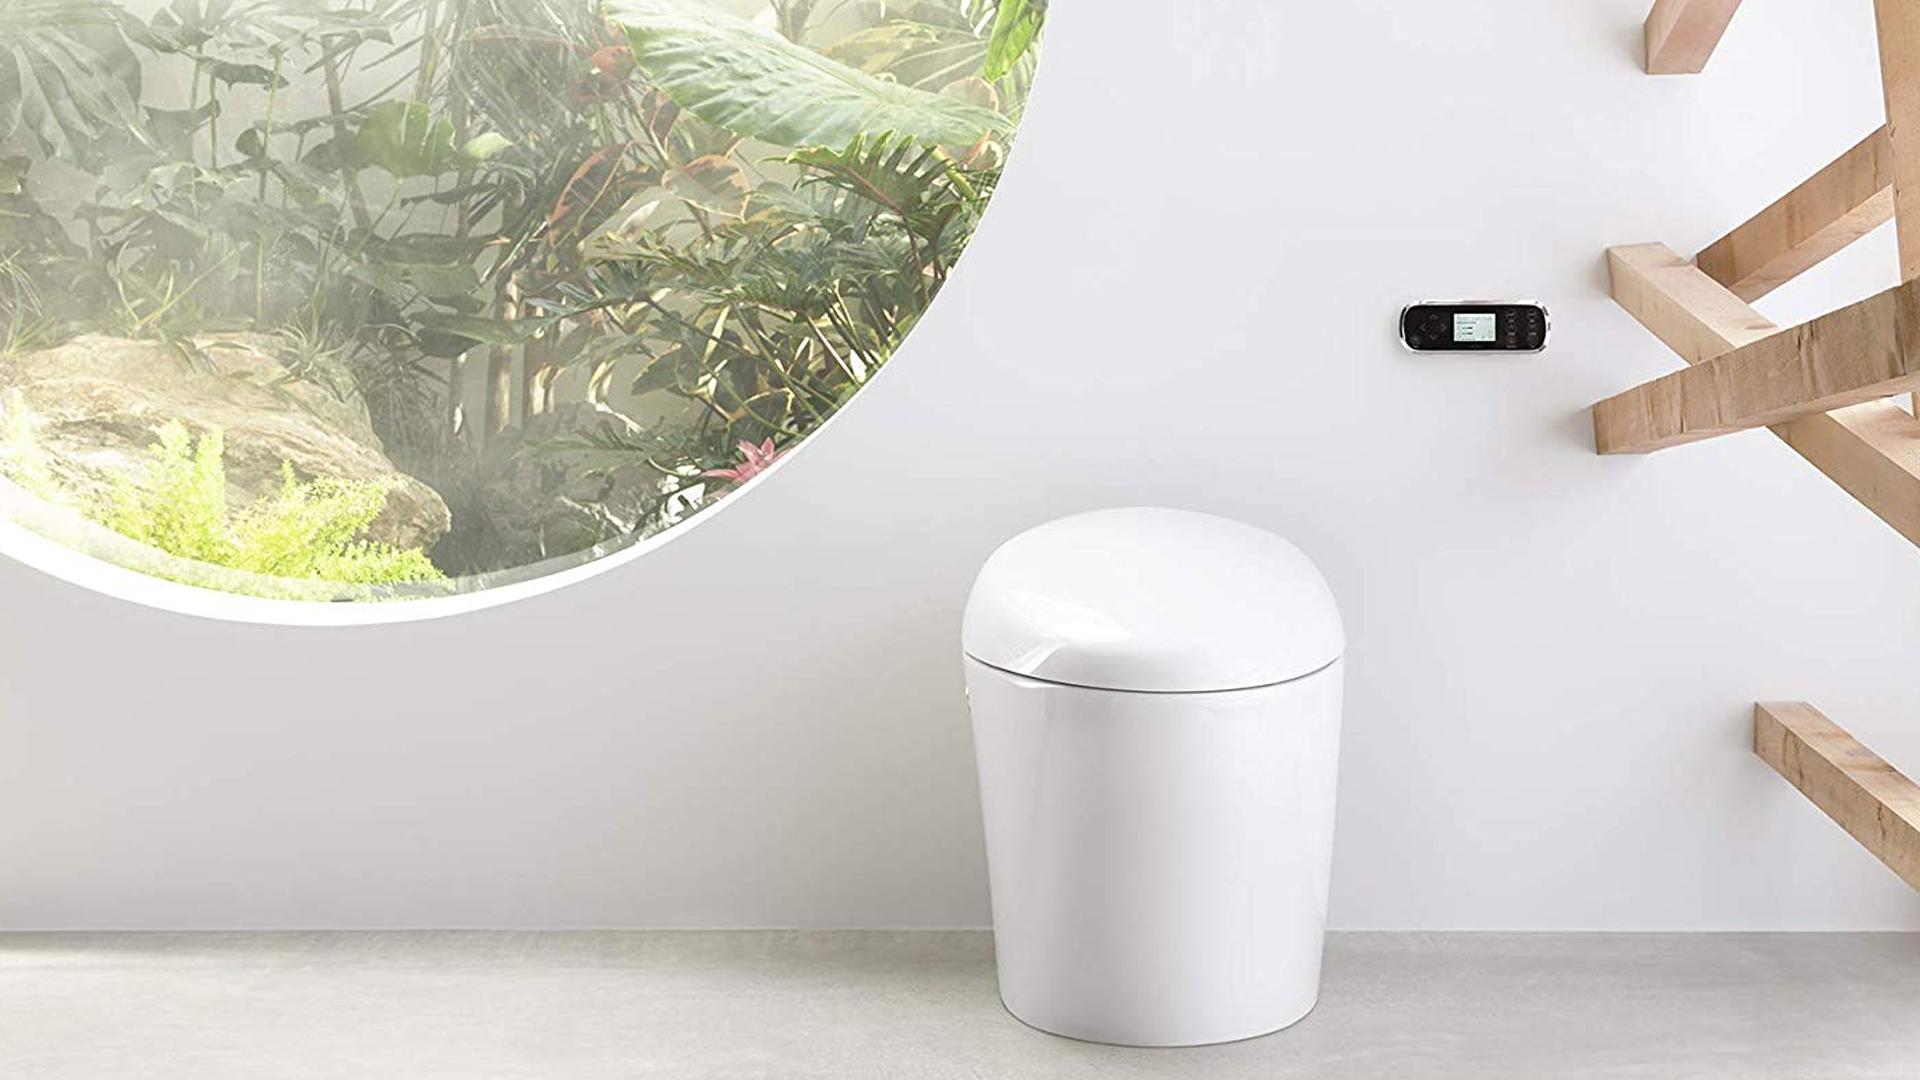 The Kohler smart toilet.